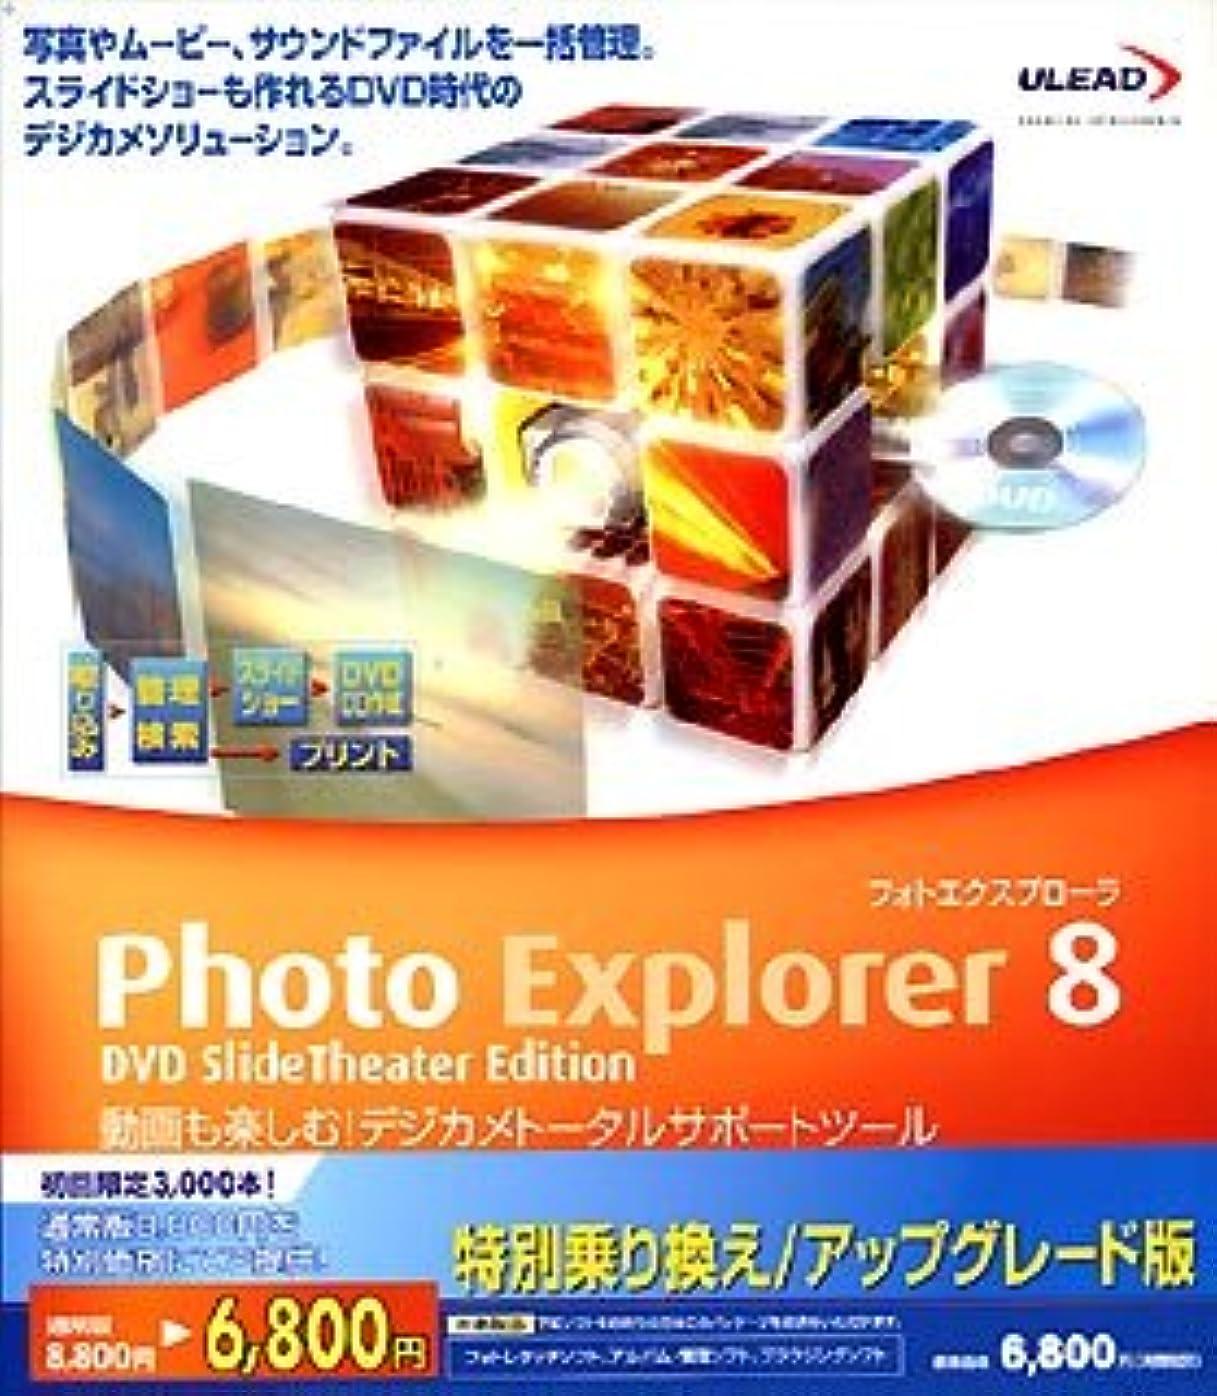 輪郭黙発動機Ulead Photo Explorer 8 DVD SlideTheater Edition 特別乗り換え/アップグレード版